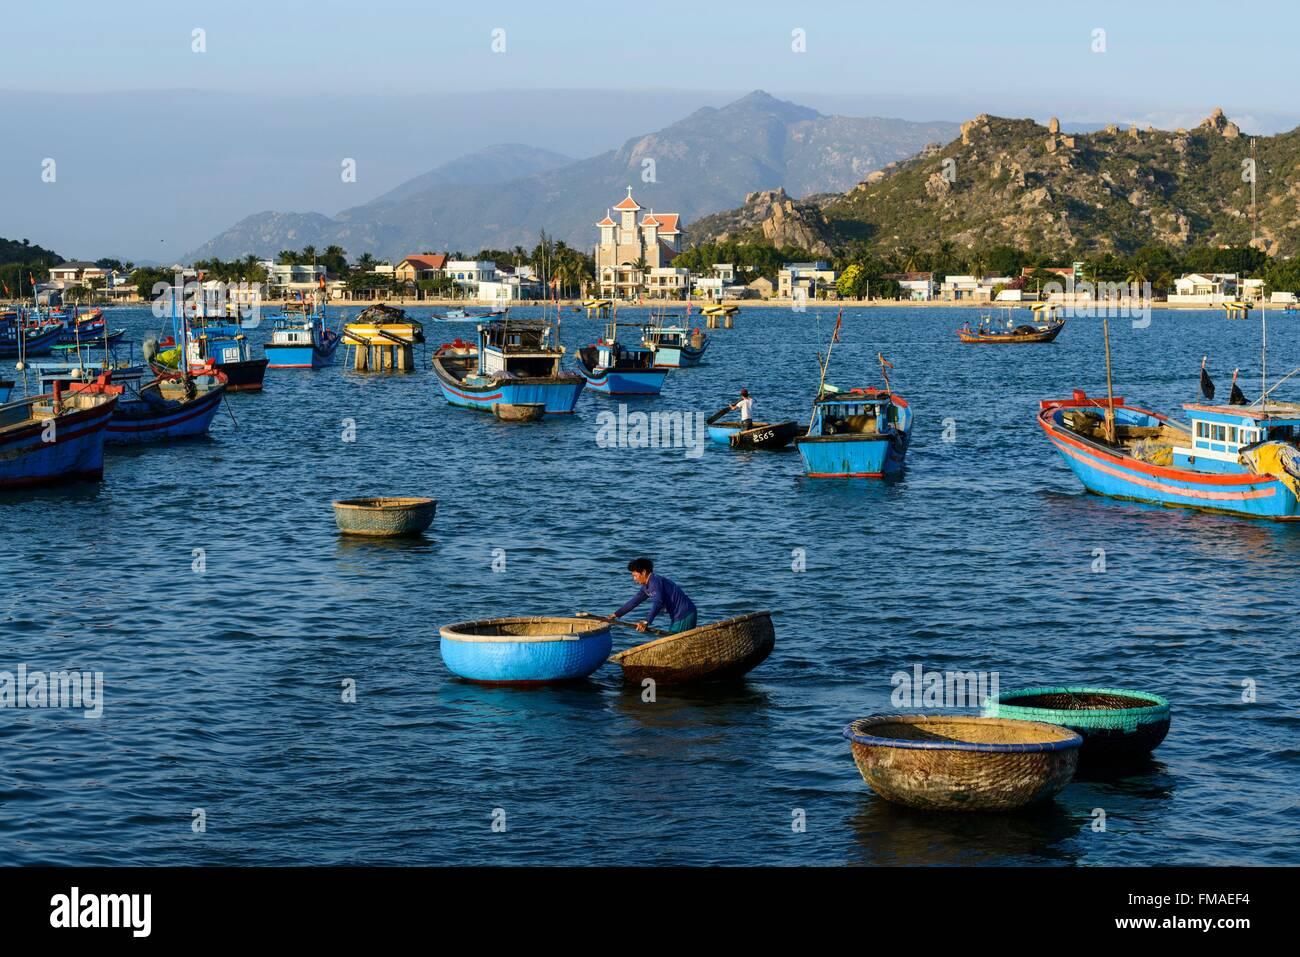 Vietnam, Ninh Thuan province, Phan Rang, le port de pêche avec l'église en arrière-plan Photo Stock